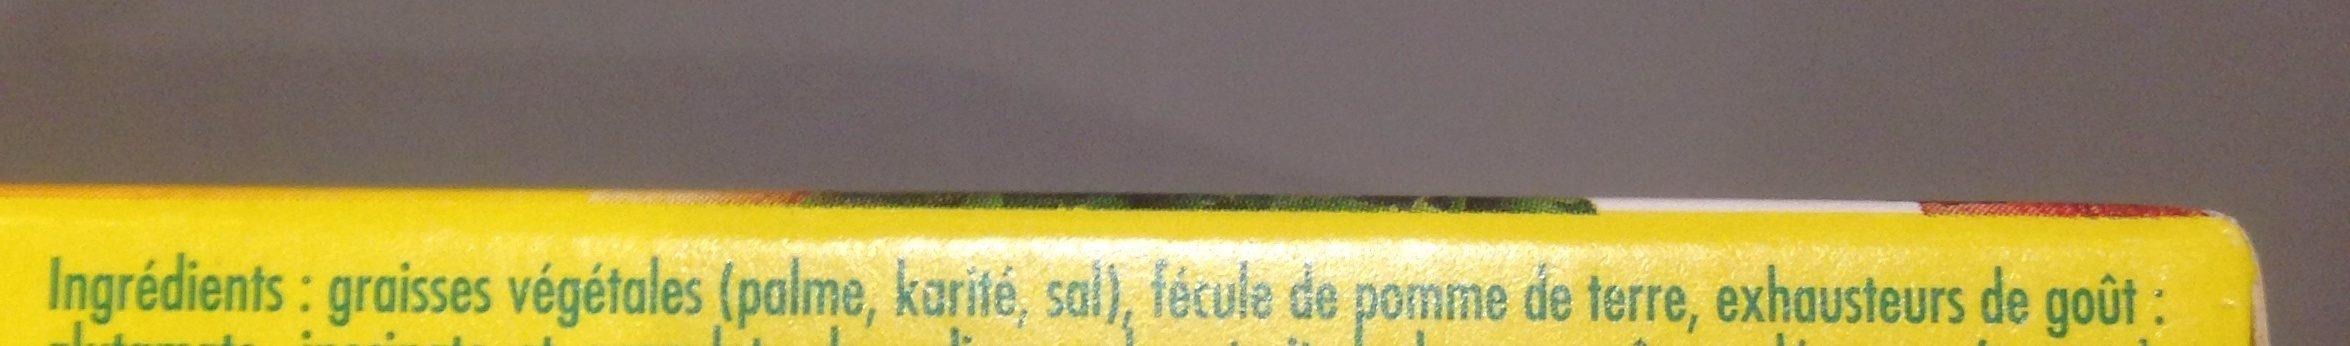 Jus de rôti - Ingredients